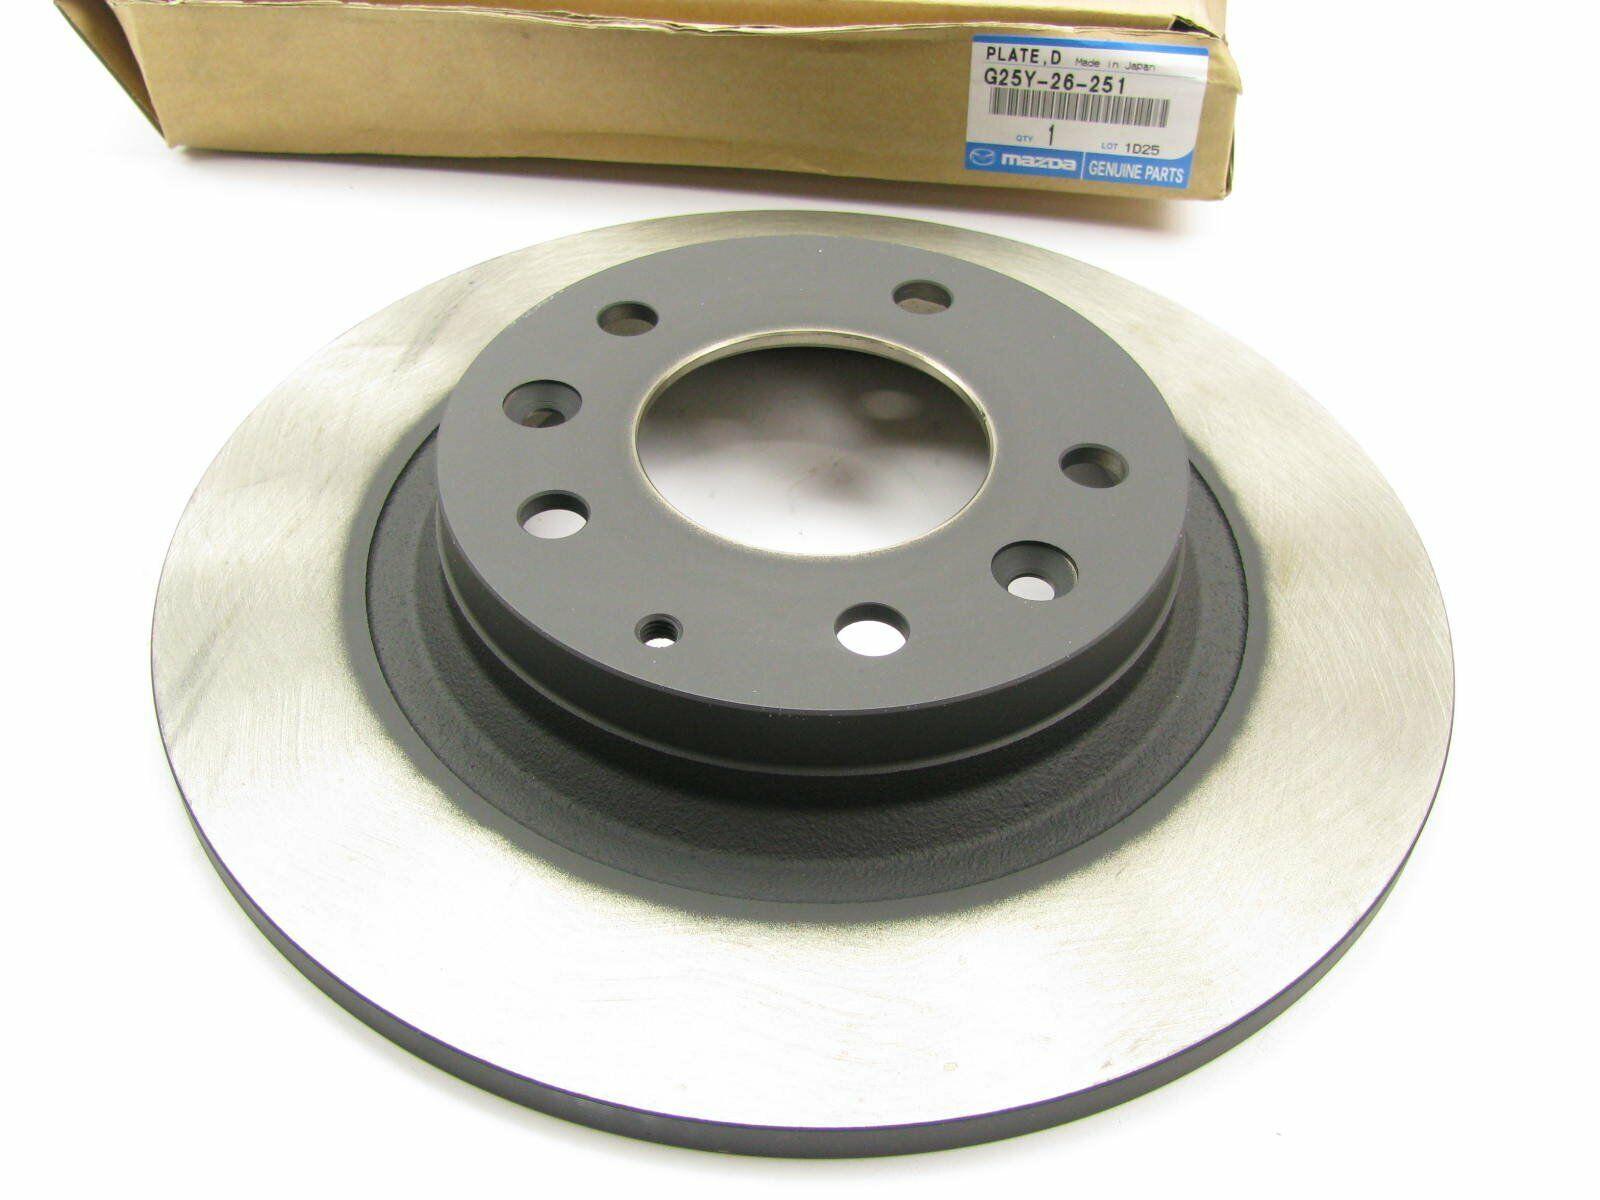 NEW GENUINE OEM Mazda G25Y-26-251 Rear Disc Brake Rotor PRT5499